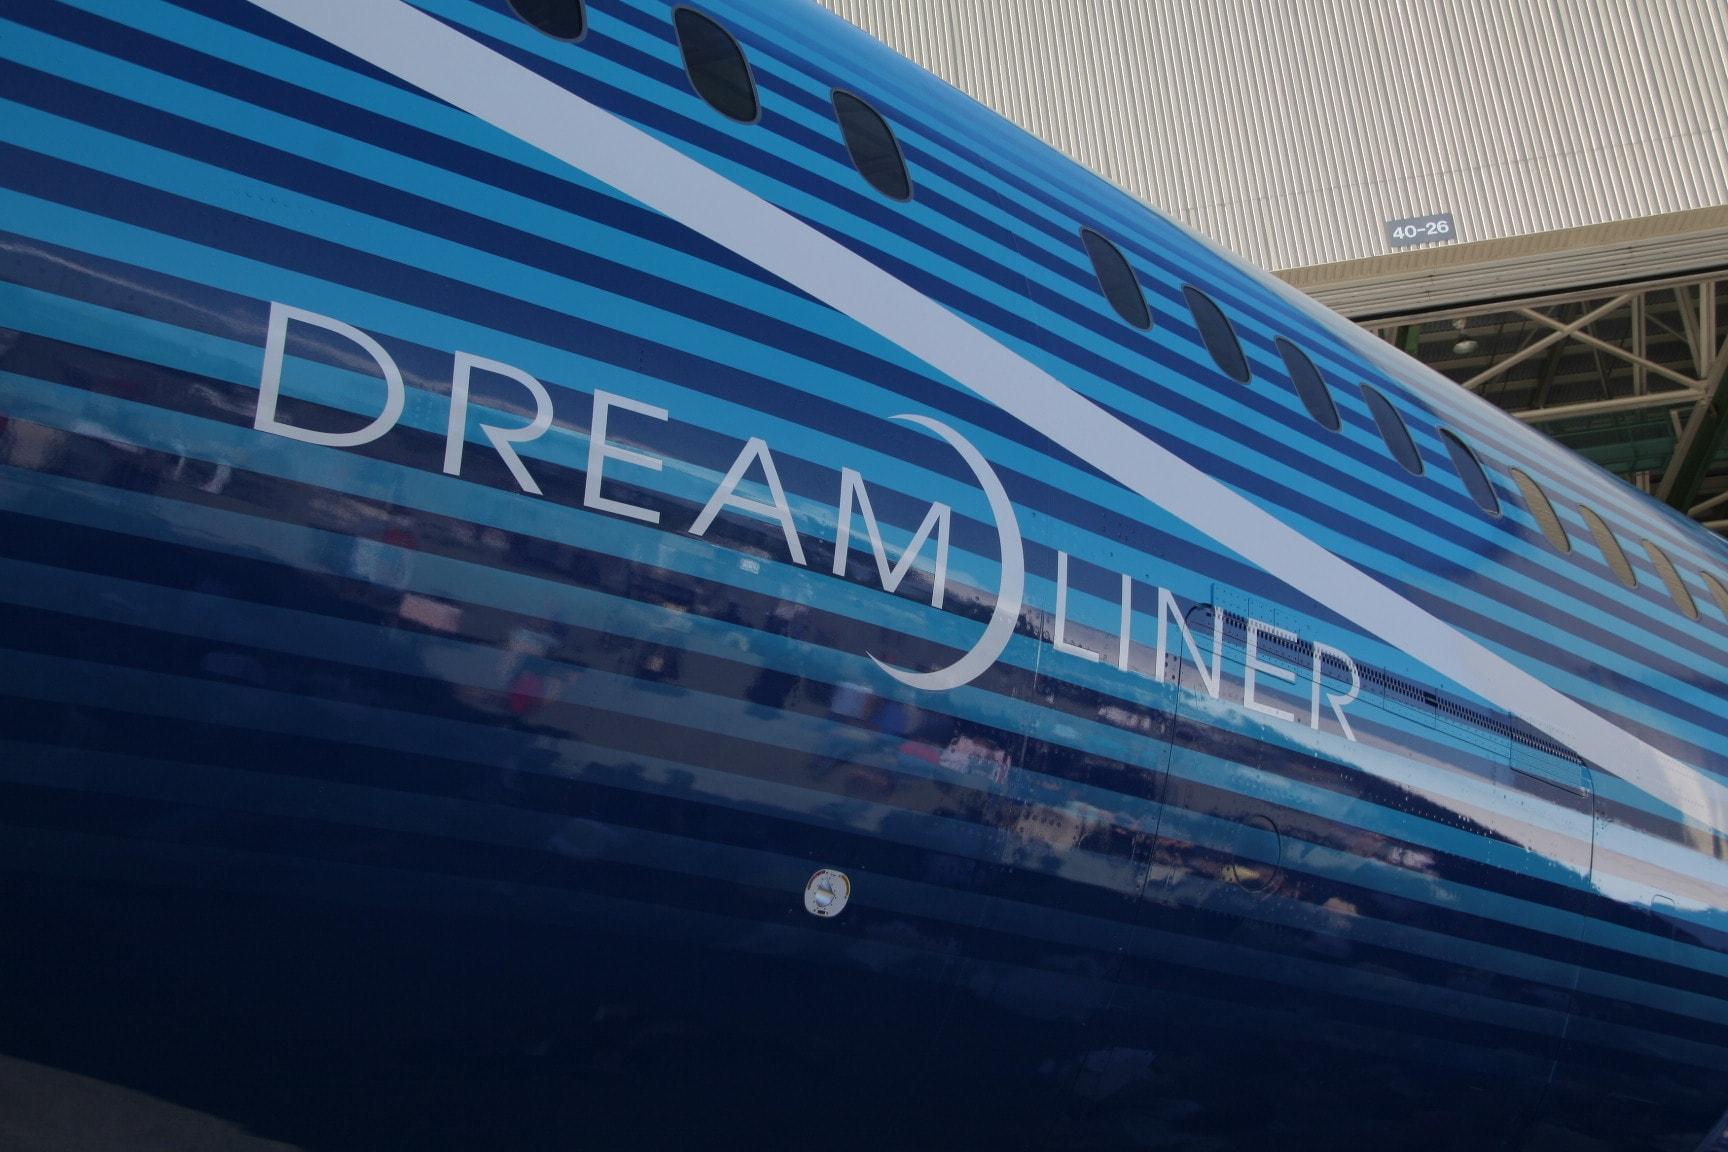 dreamliner2.jpg